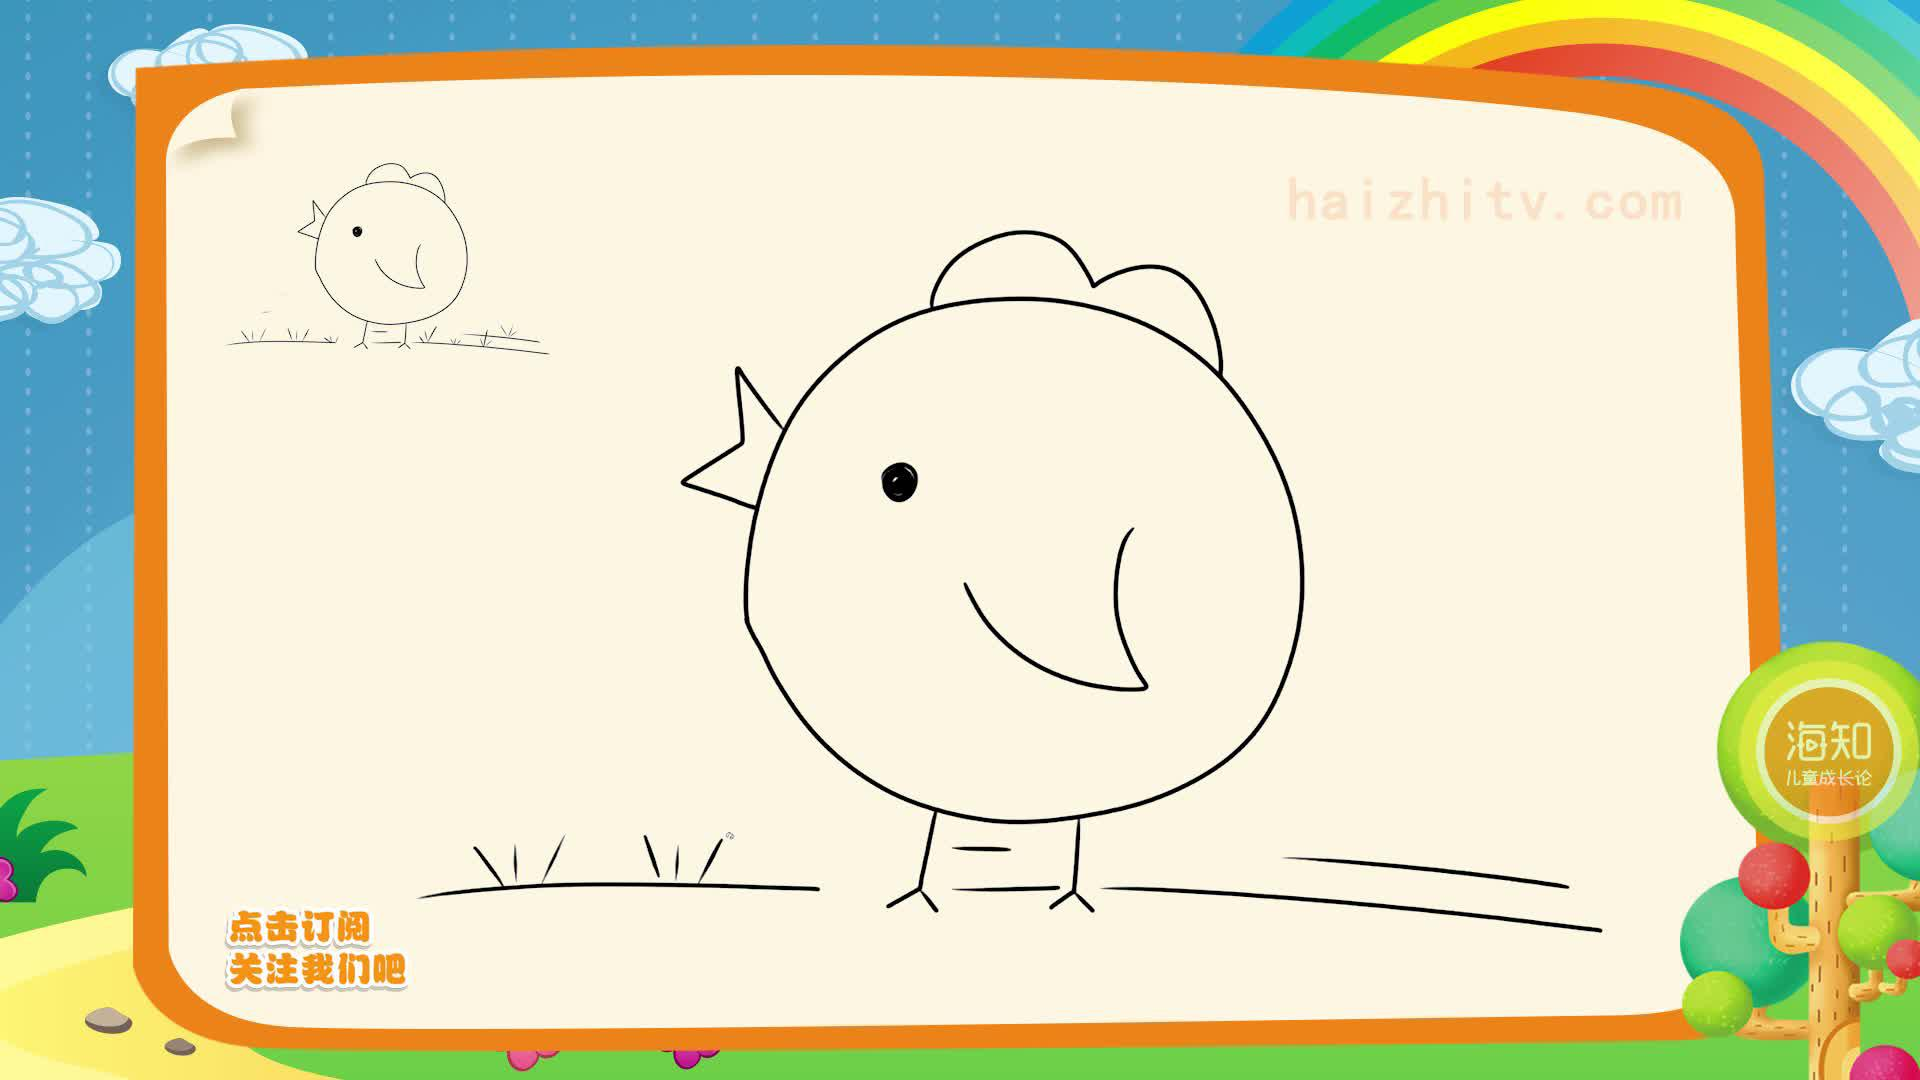 动物简笔画教程,如何画Q版小鸡,海知简笔画大全